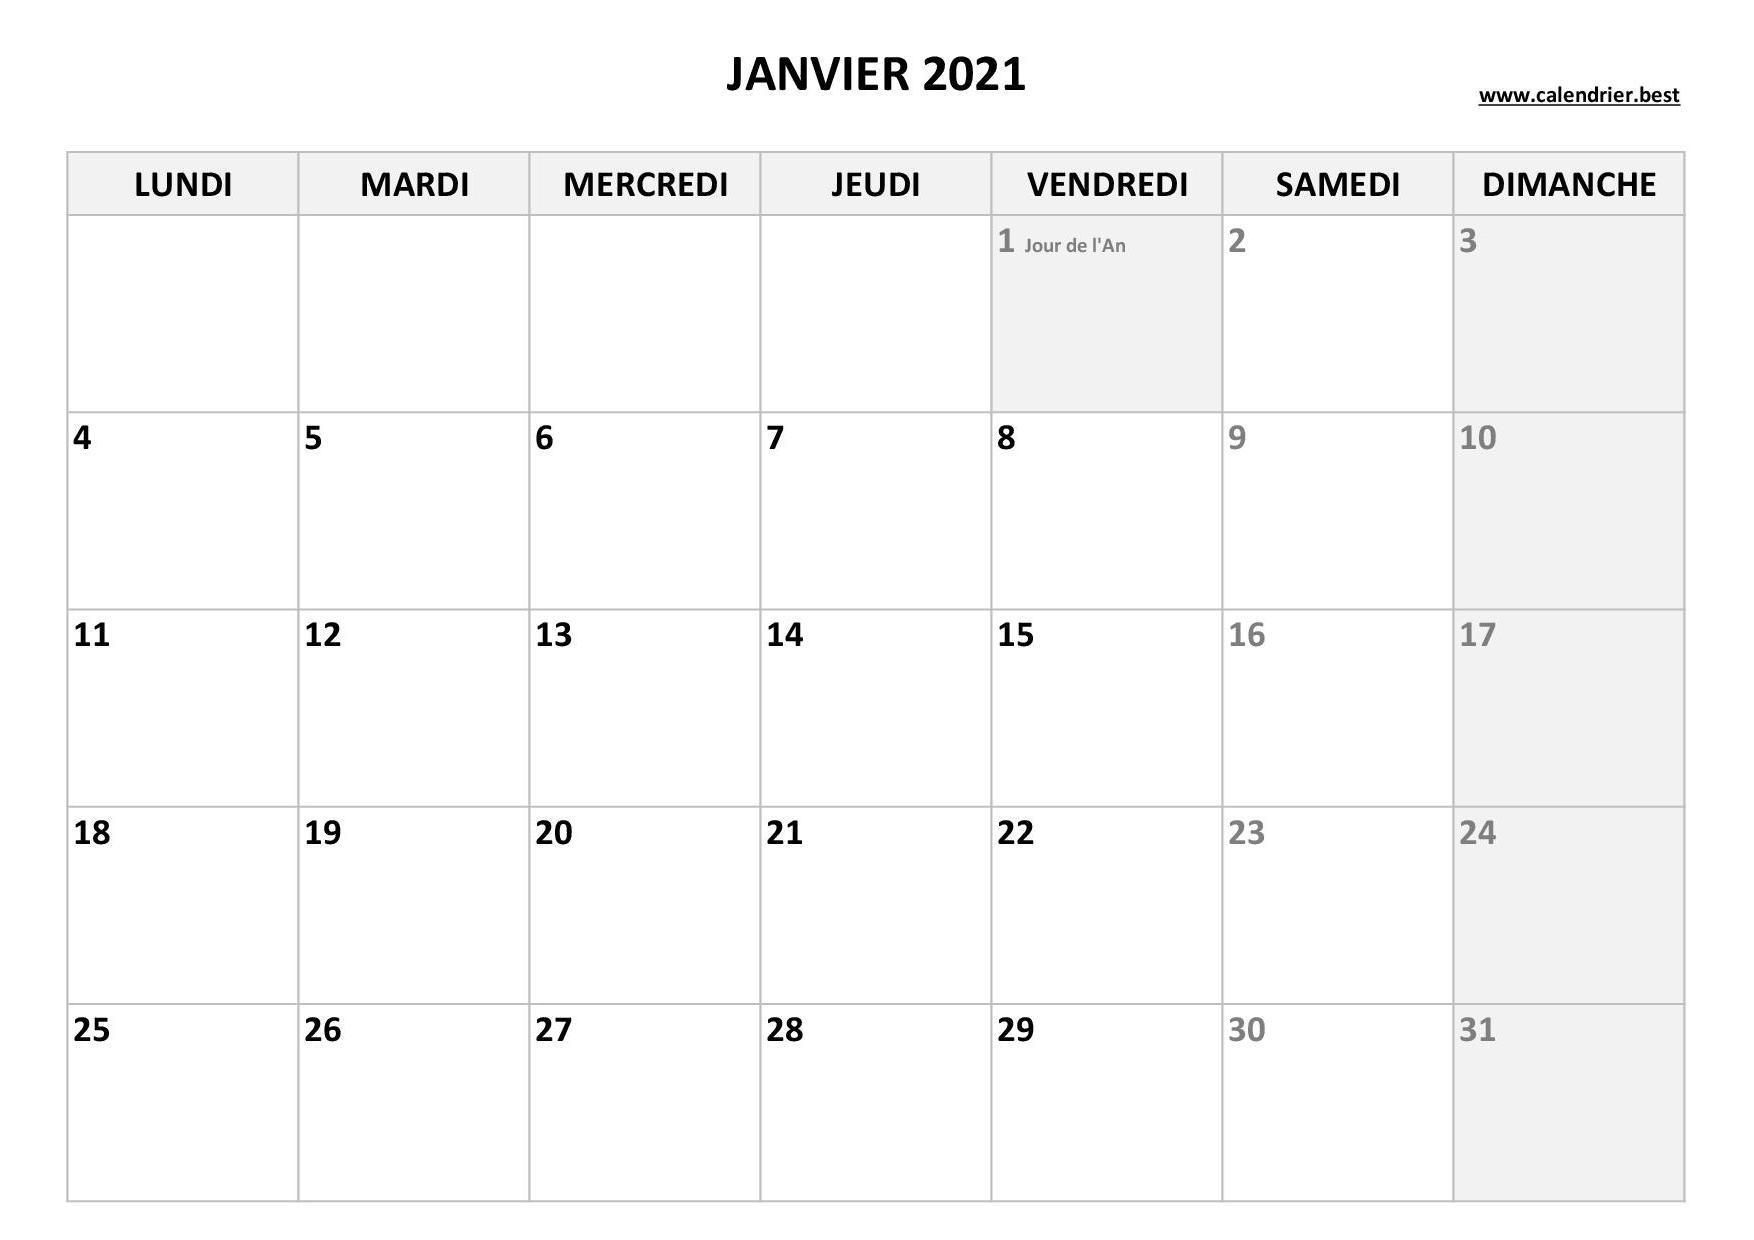 Calendrier Janvier 2021 à consulter ou imprimer  Calendrier.best